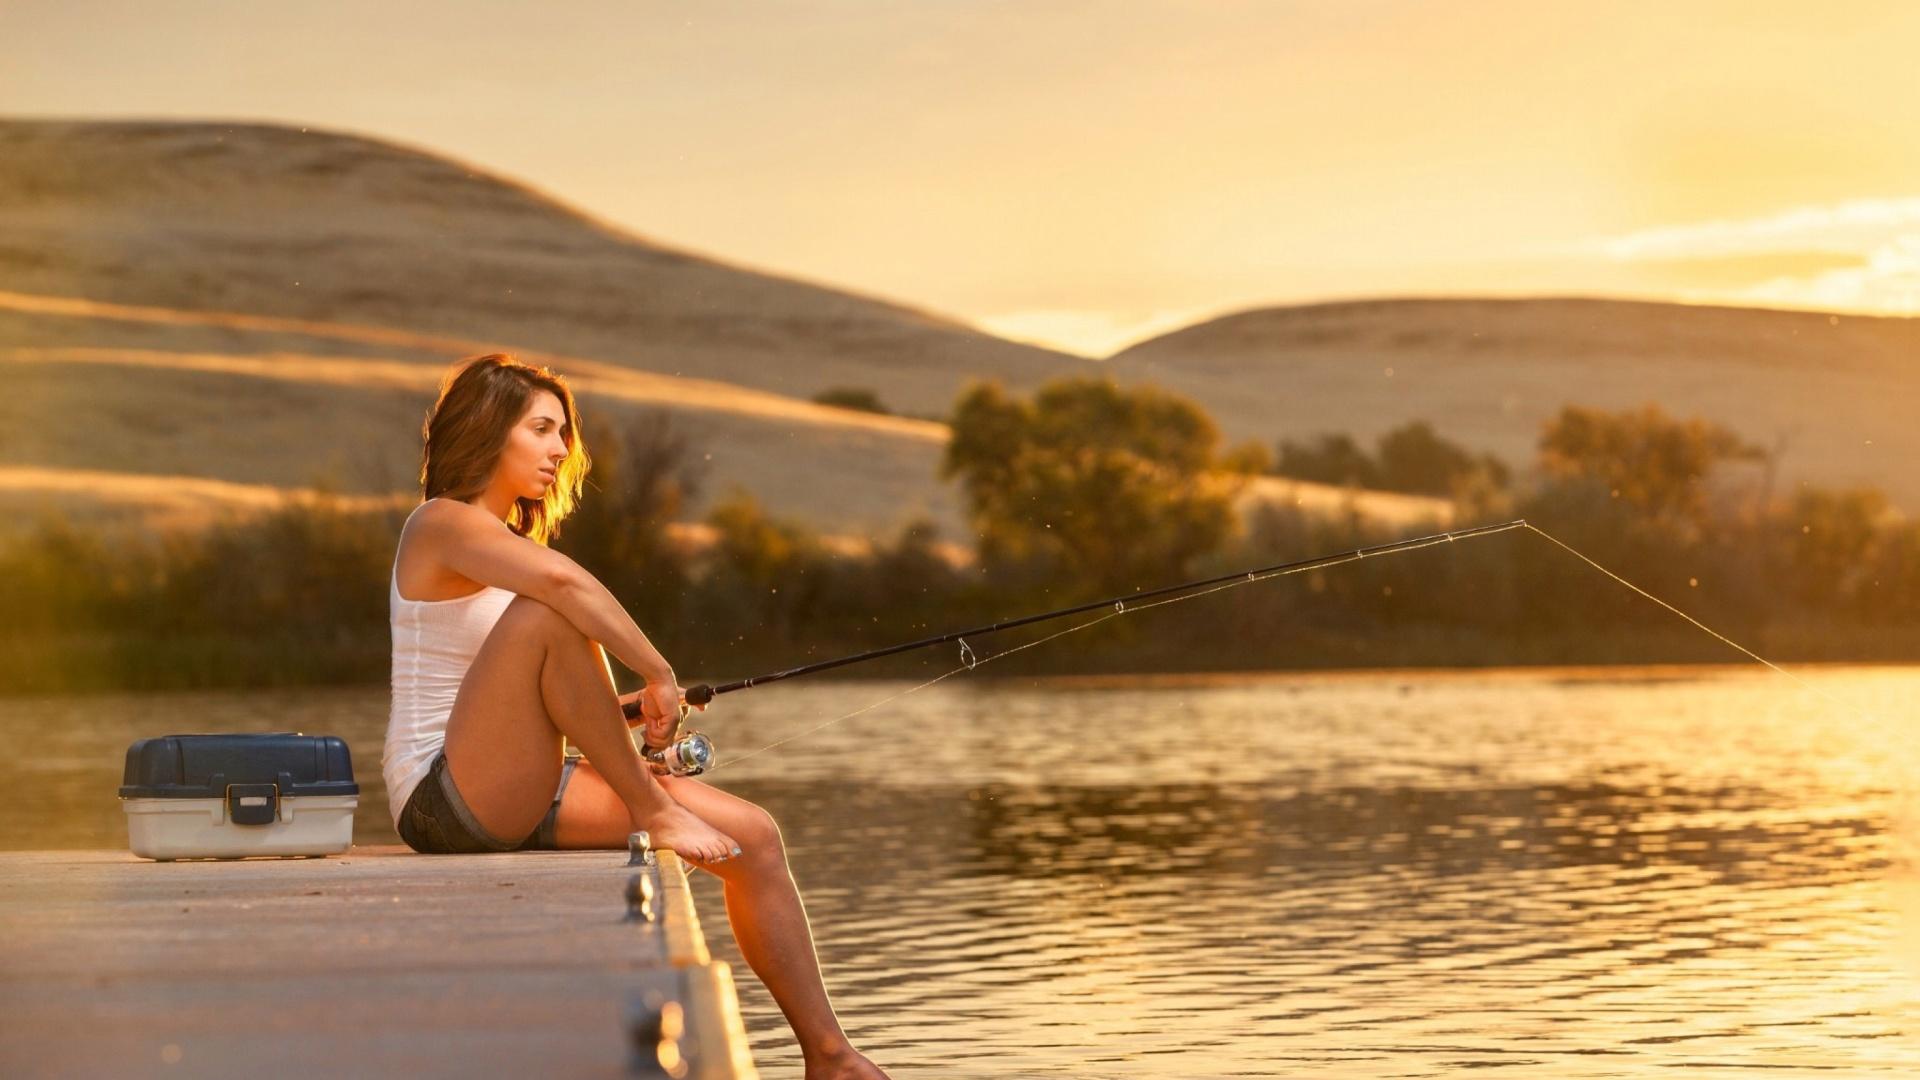 Девушка На Рыбалке Обои Рабочего Стола